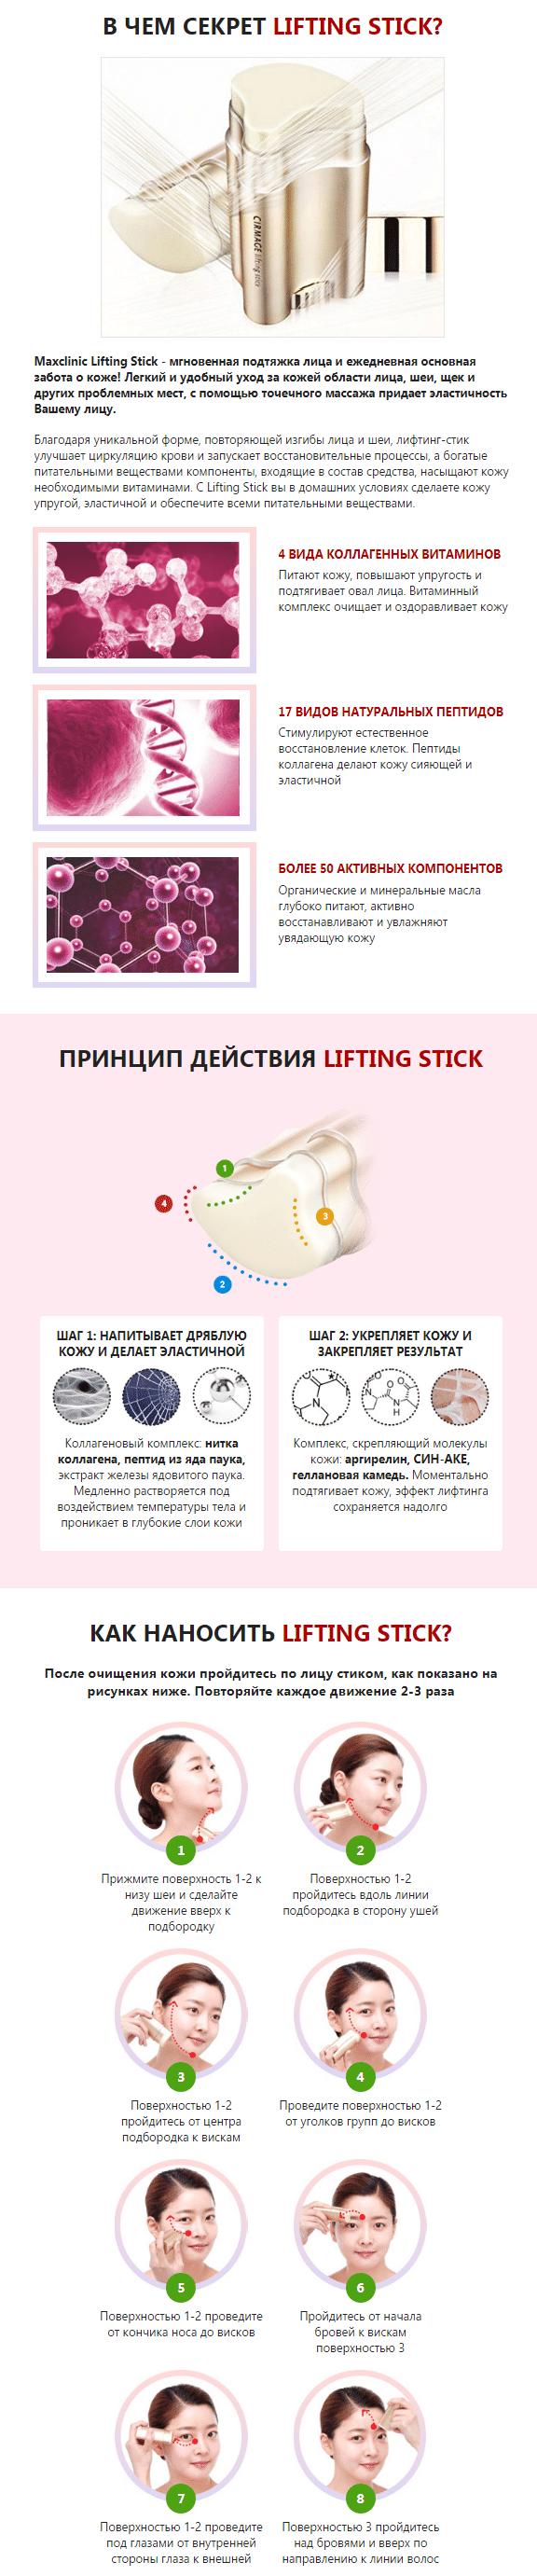 Антивозрастной стик Maxclinic Lifting Stick